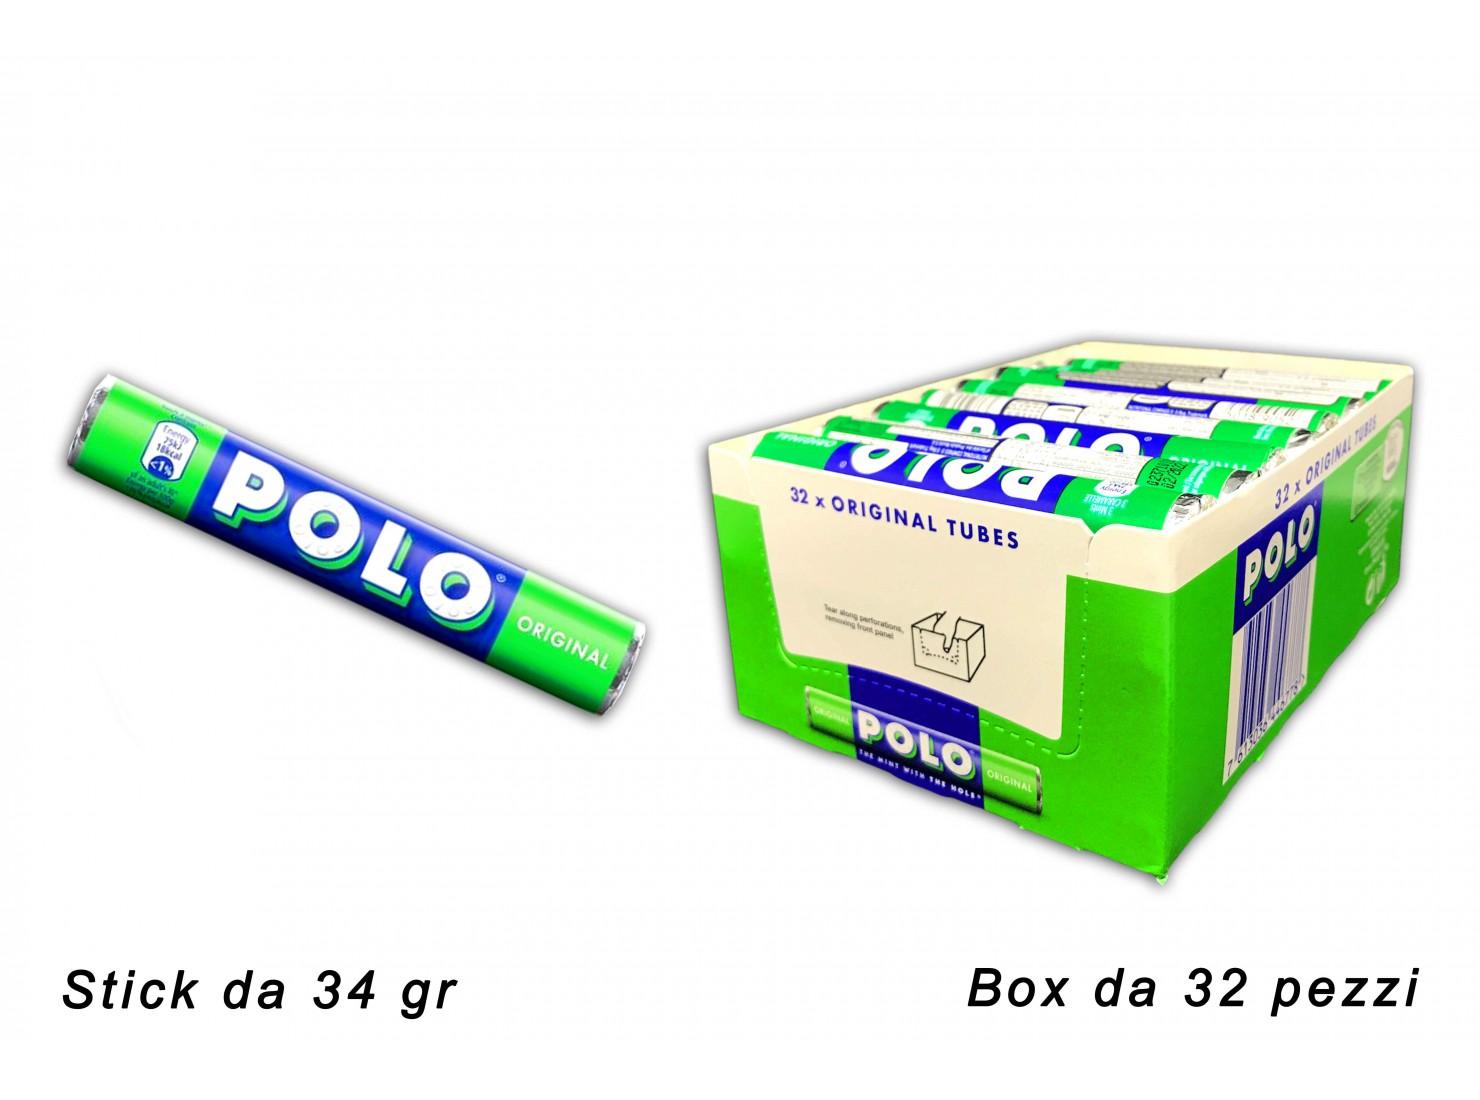 POLO ORIGINAL TUBES 34 GR